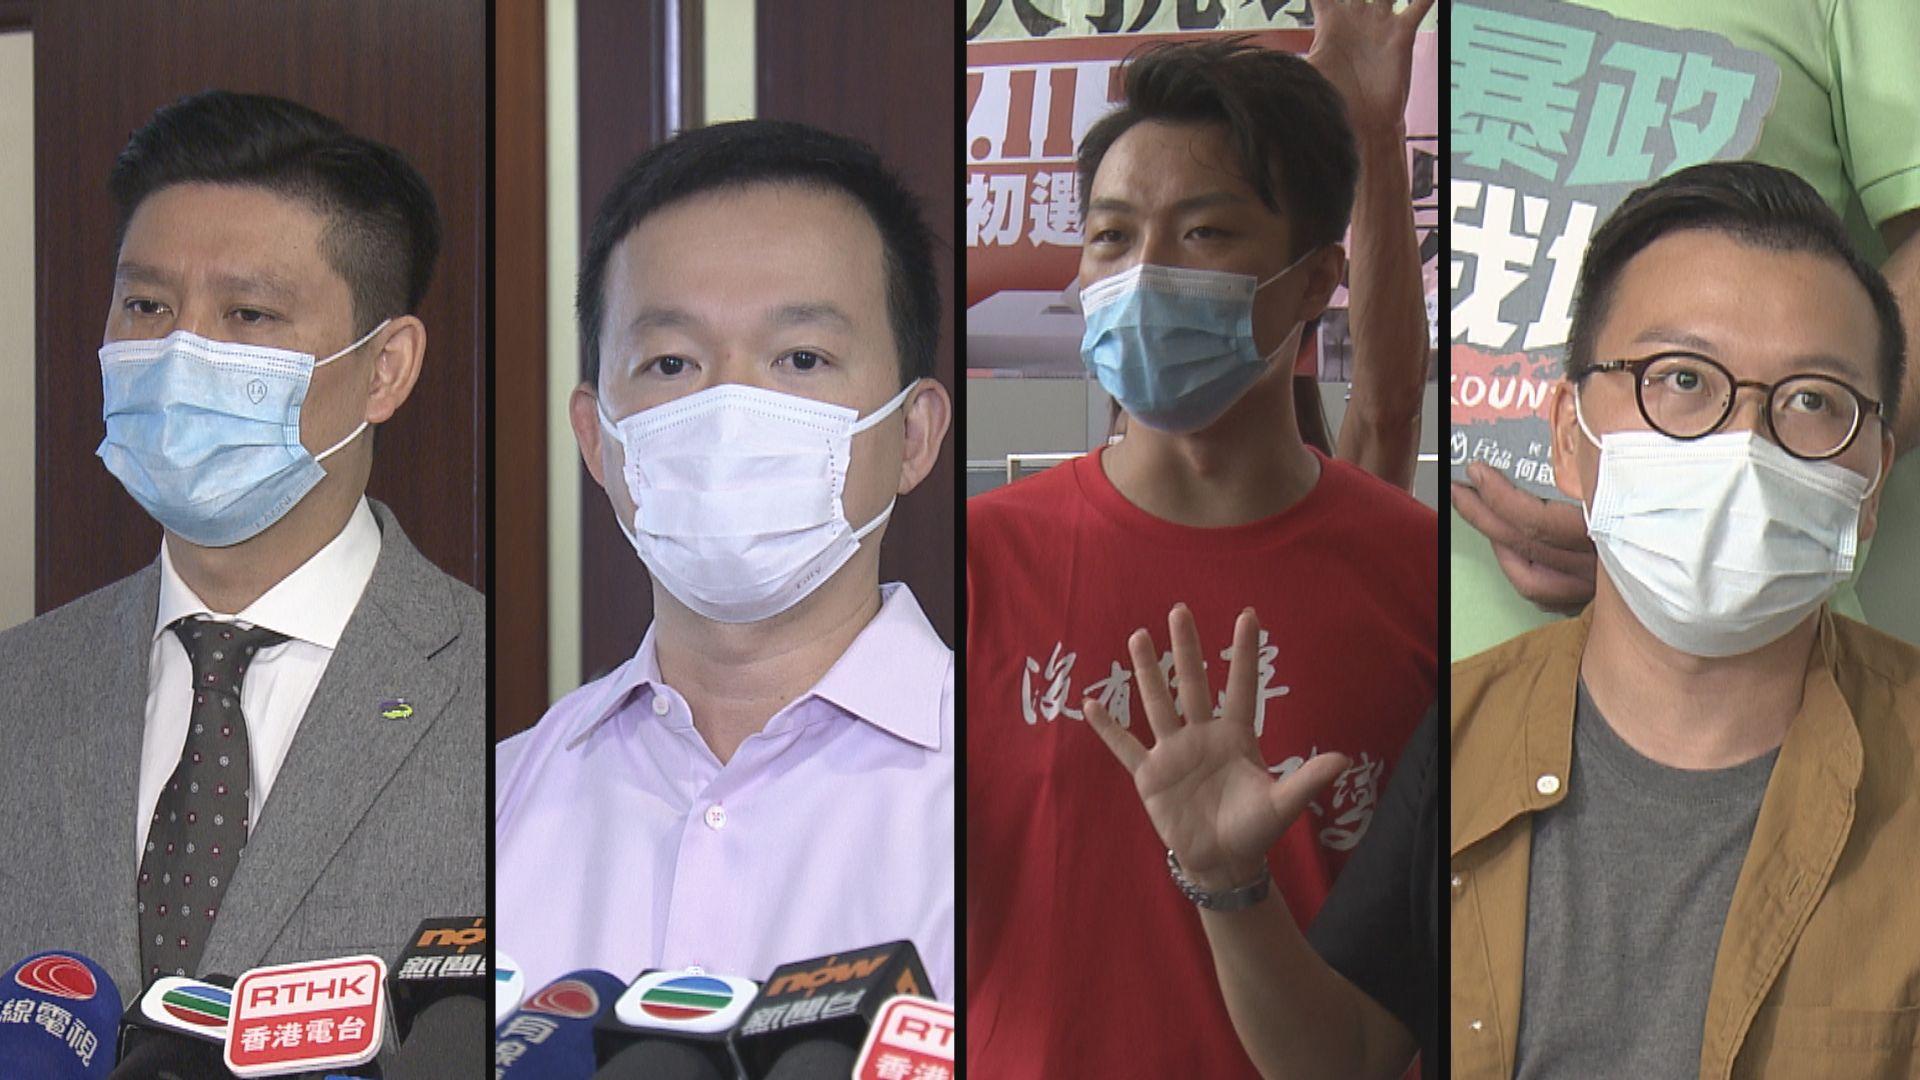 岑子杰、鄭松泰等收到選舉主任查詢是否擁護基本法